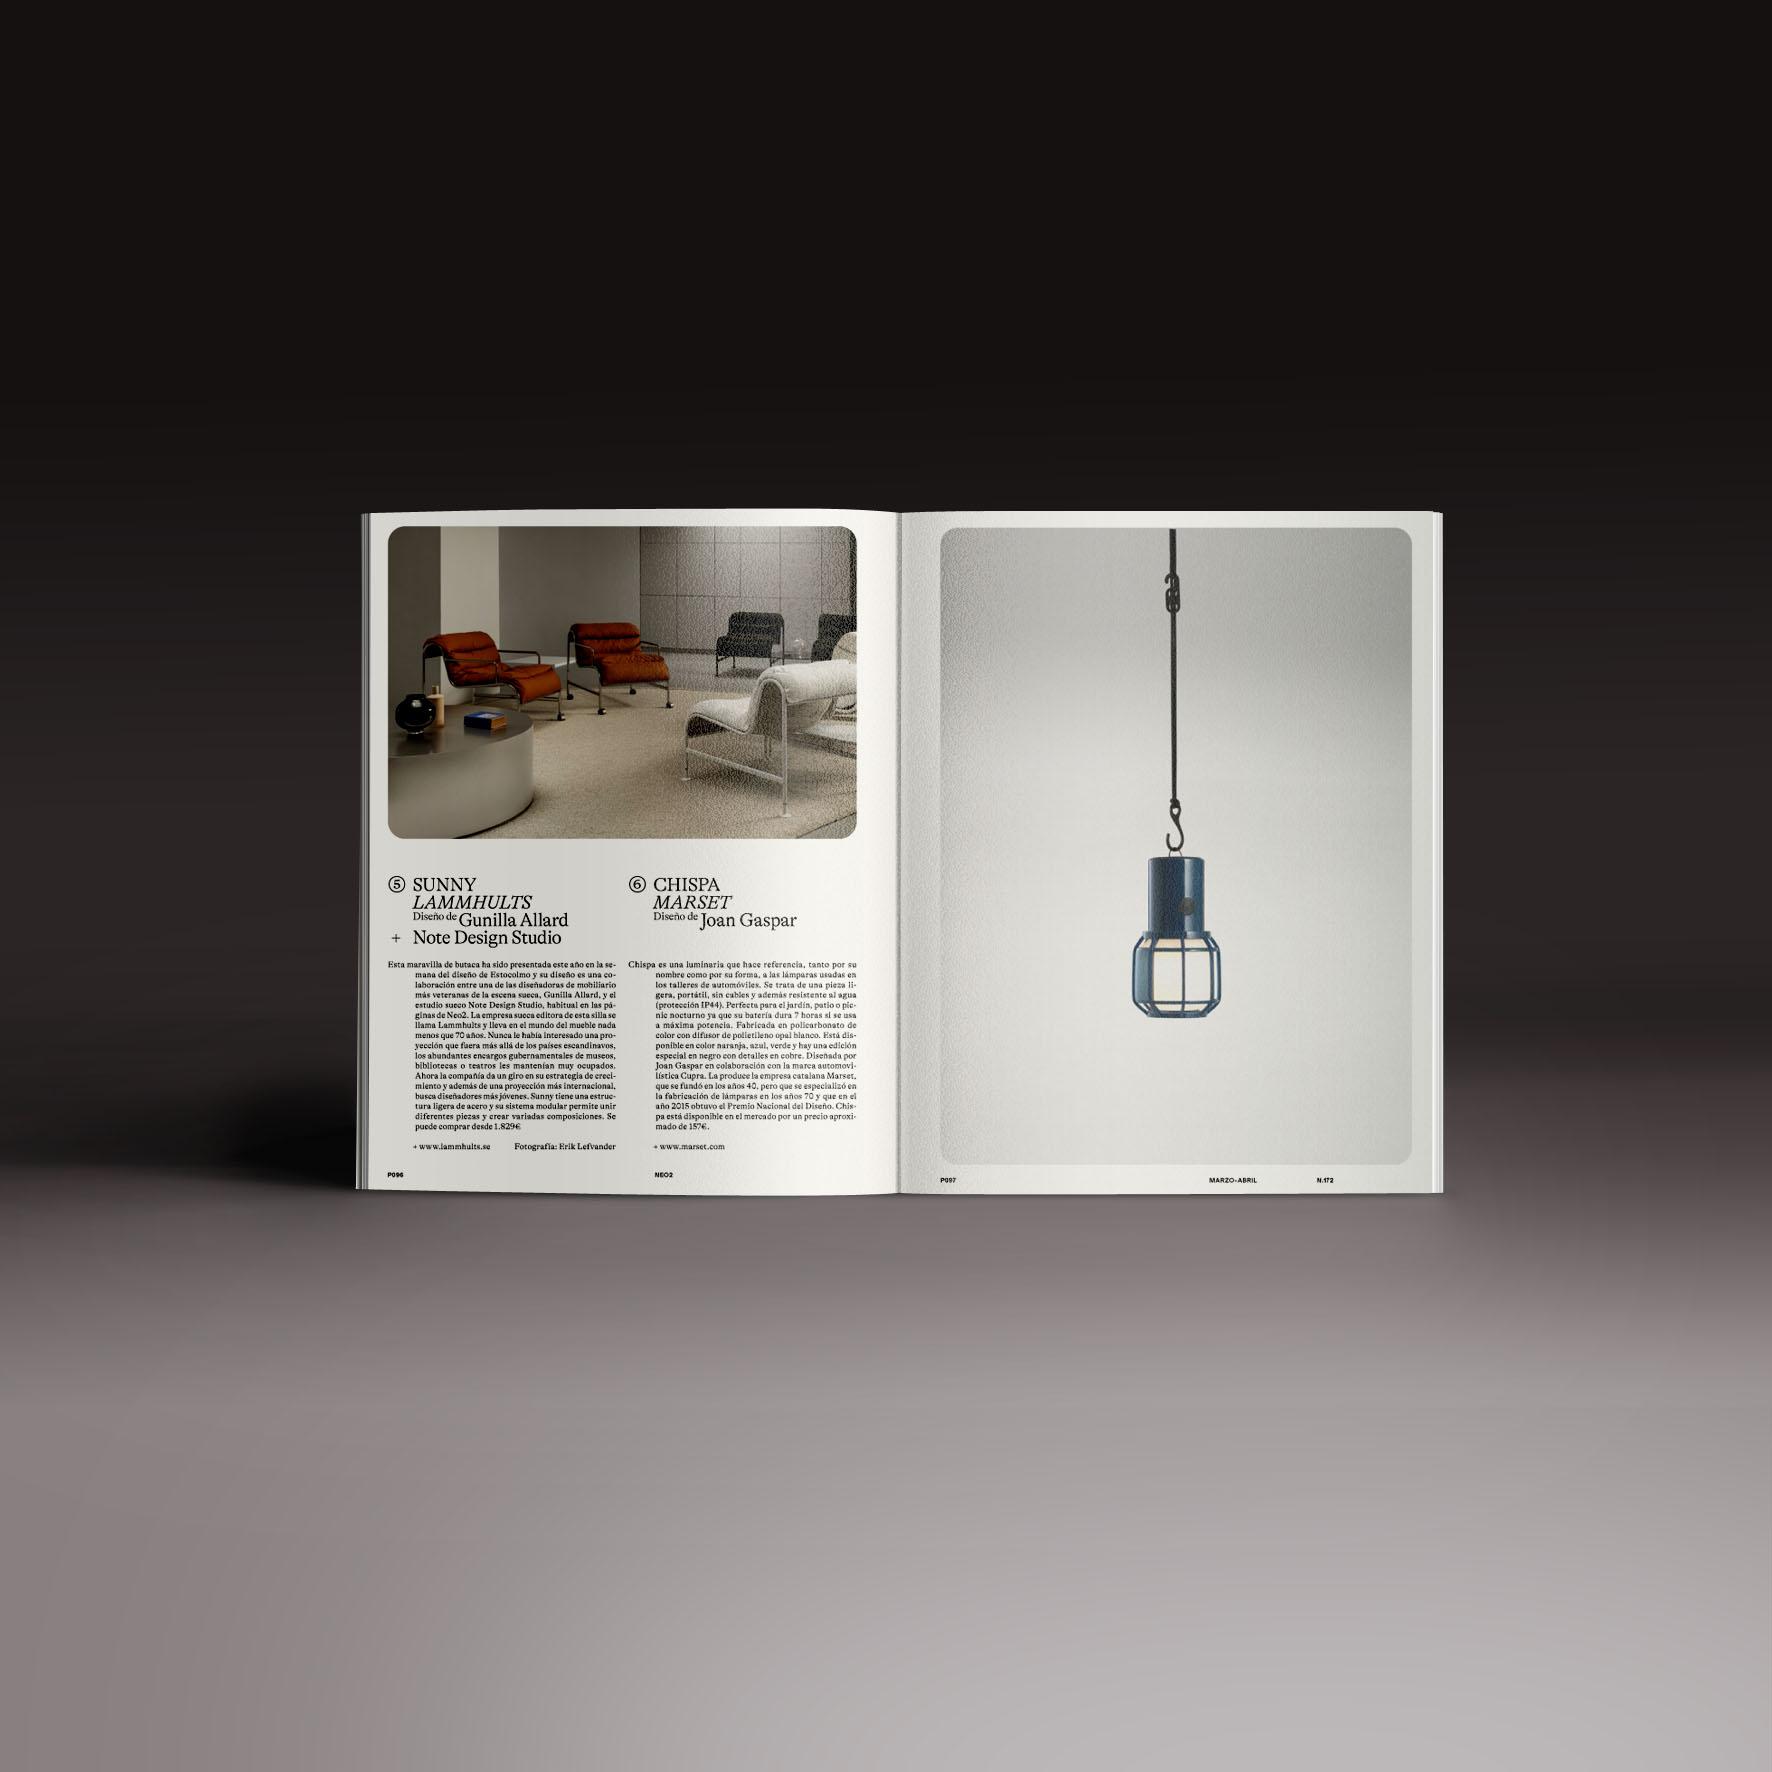 Neo2 Magazine papel doble pagina artículo Objetos domésticos